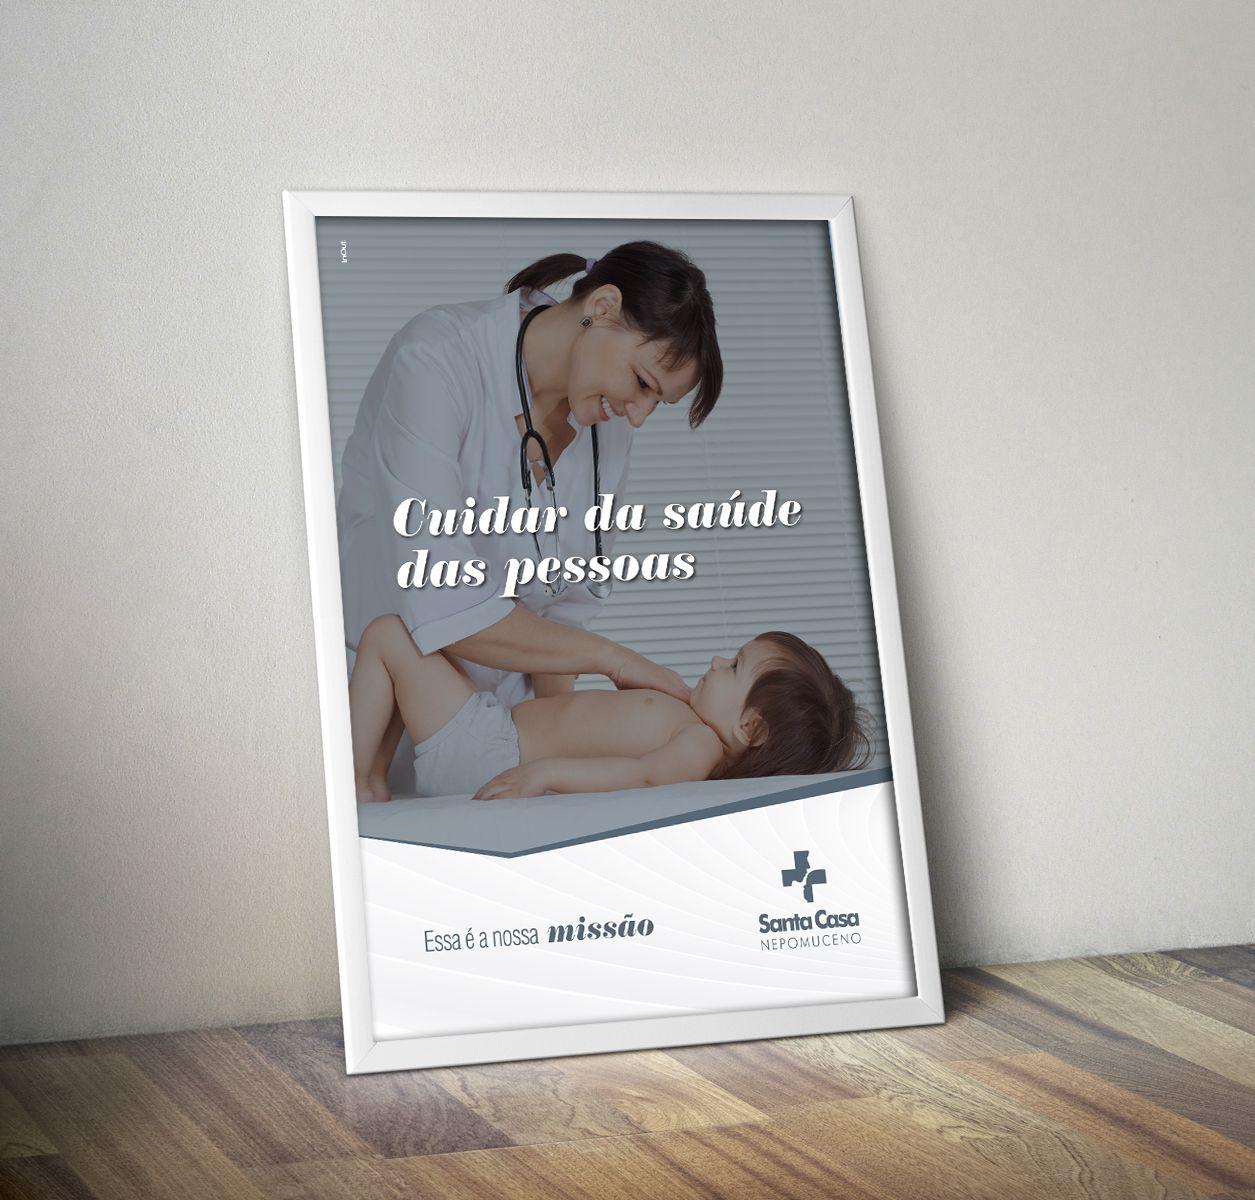 Cartaz - Campanha cuidar da saúde das pessoas - Santa Casa de Nepomuceno